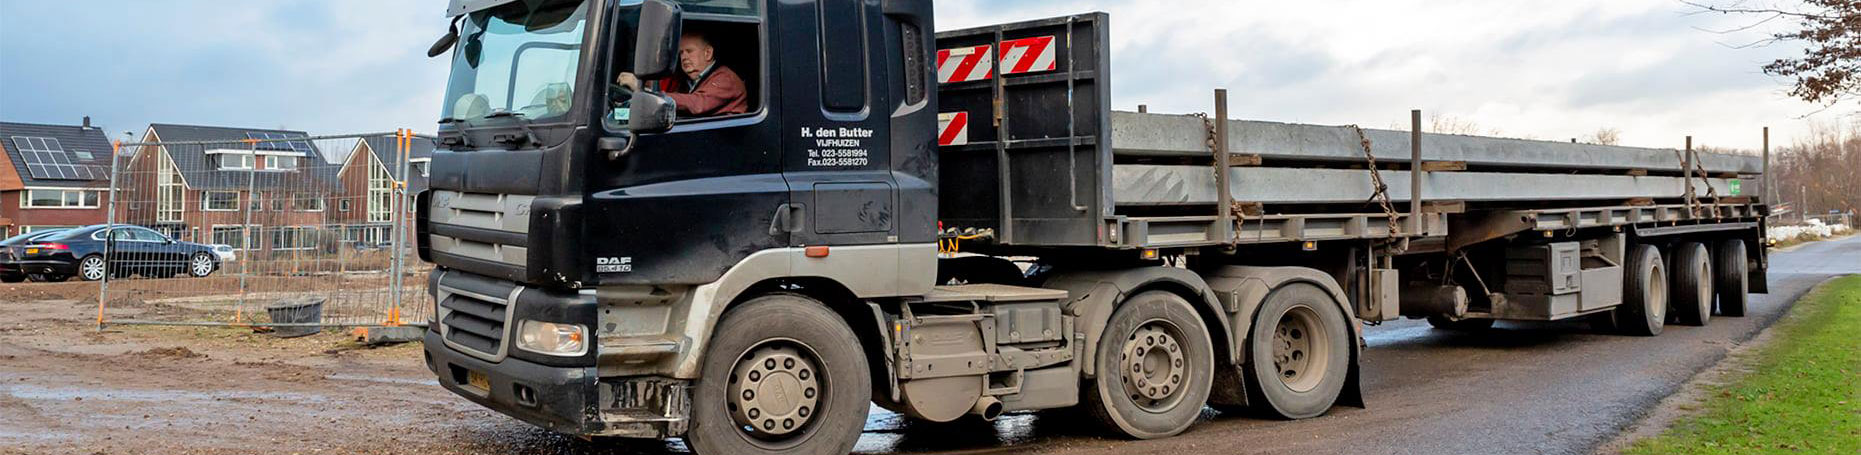 eerste paal Oude Tol eiland 2 te Reeuwijk - vrachtwagen met heipalen